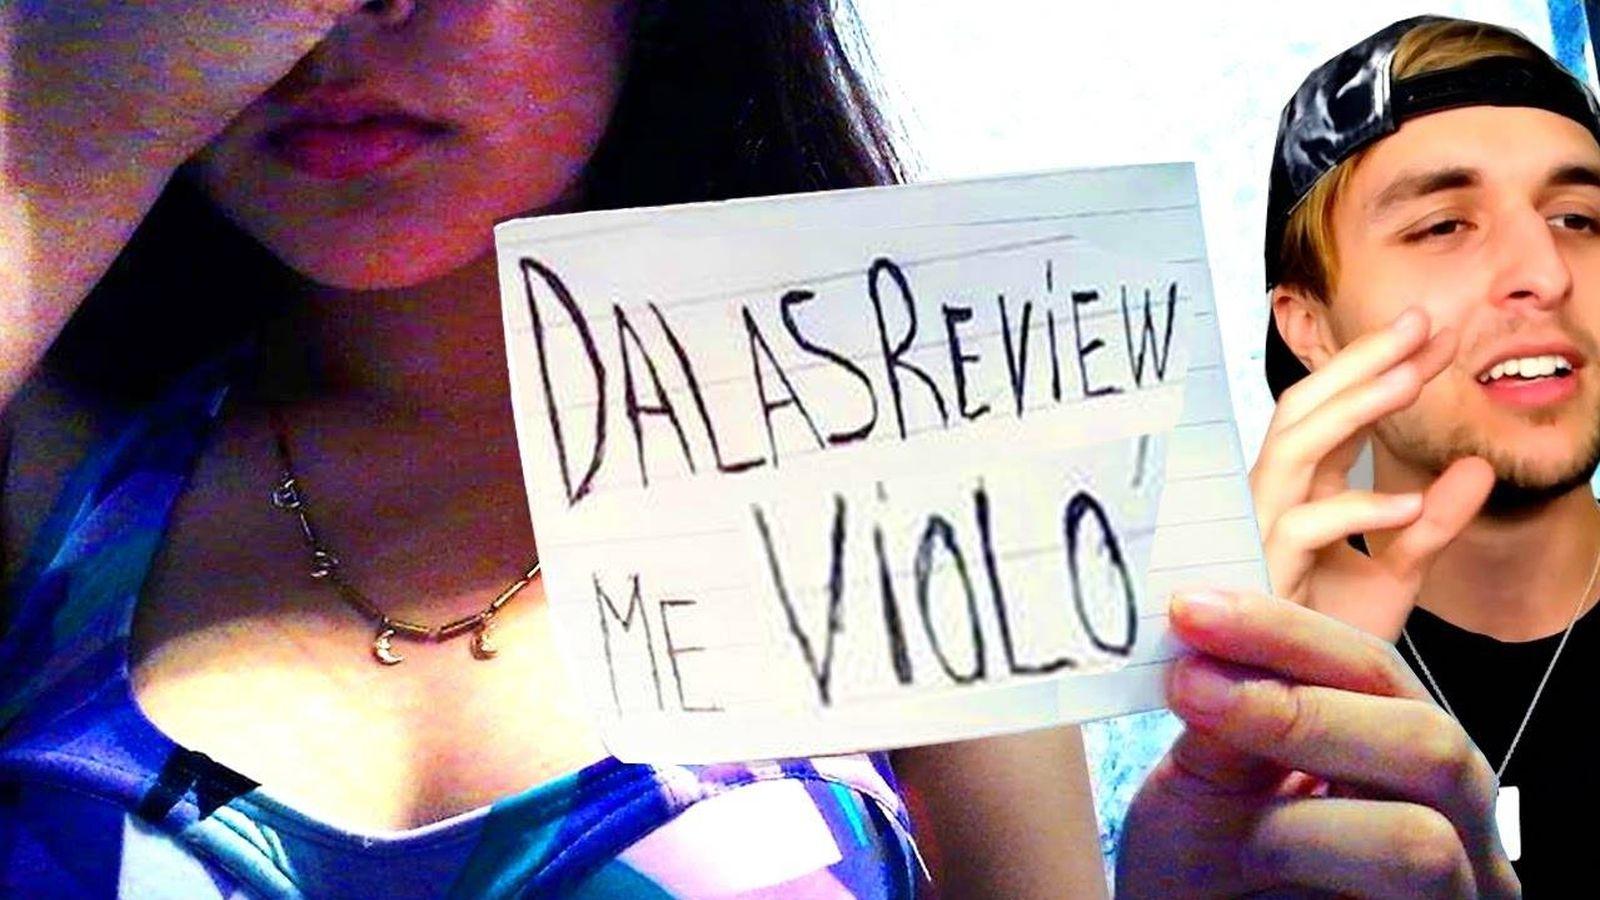 Niñas Malas Porn youtube: el youtuber dalas review, a juicio: piden 5 años de